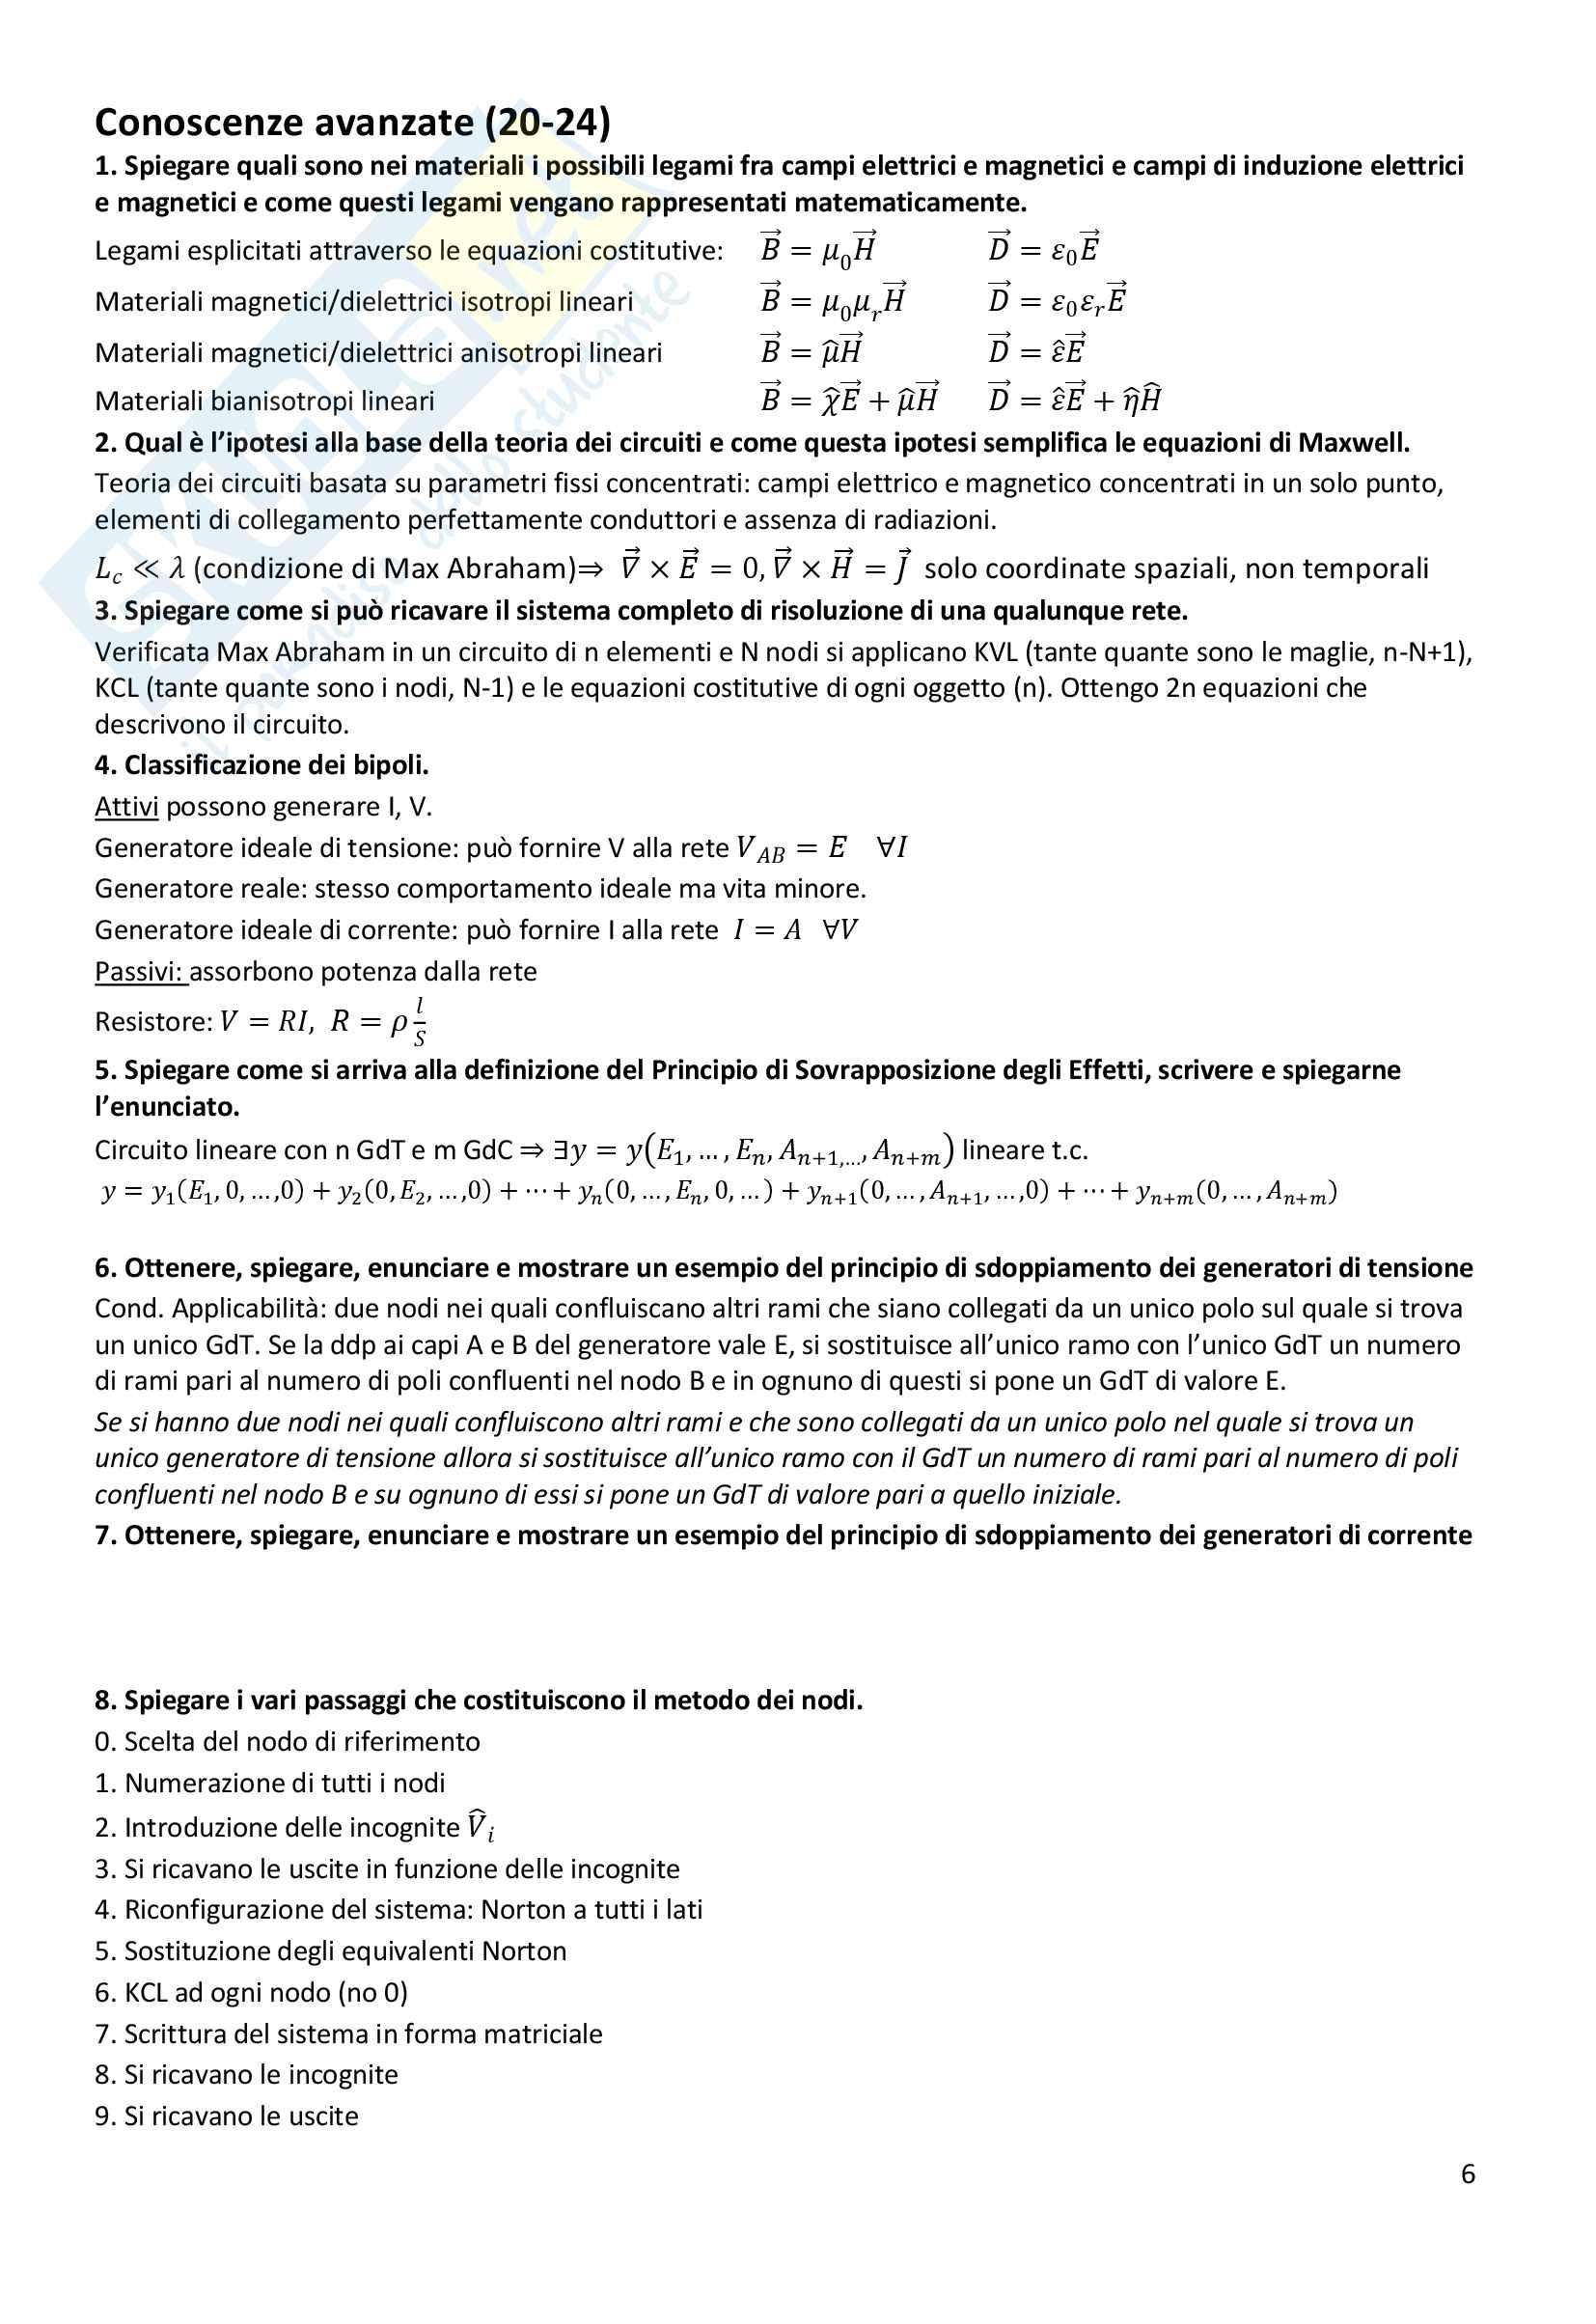 Domande in preparazione all'orale di elettrotecnica Pag. 6